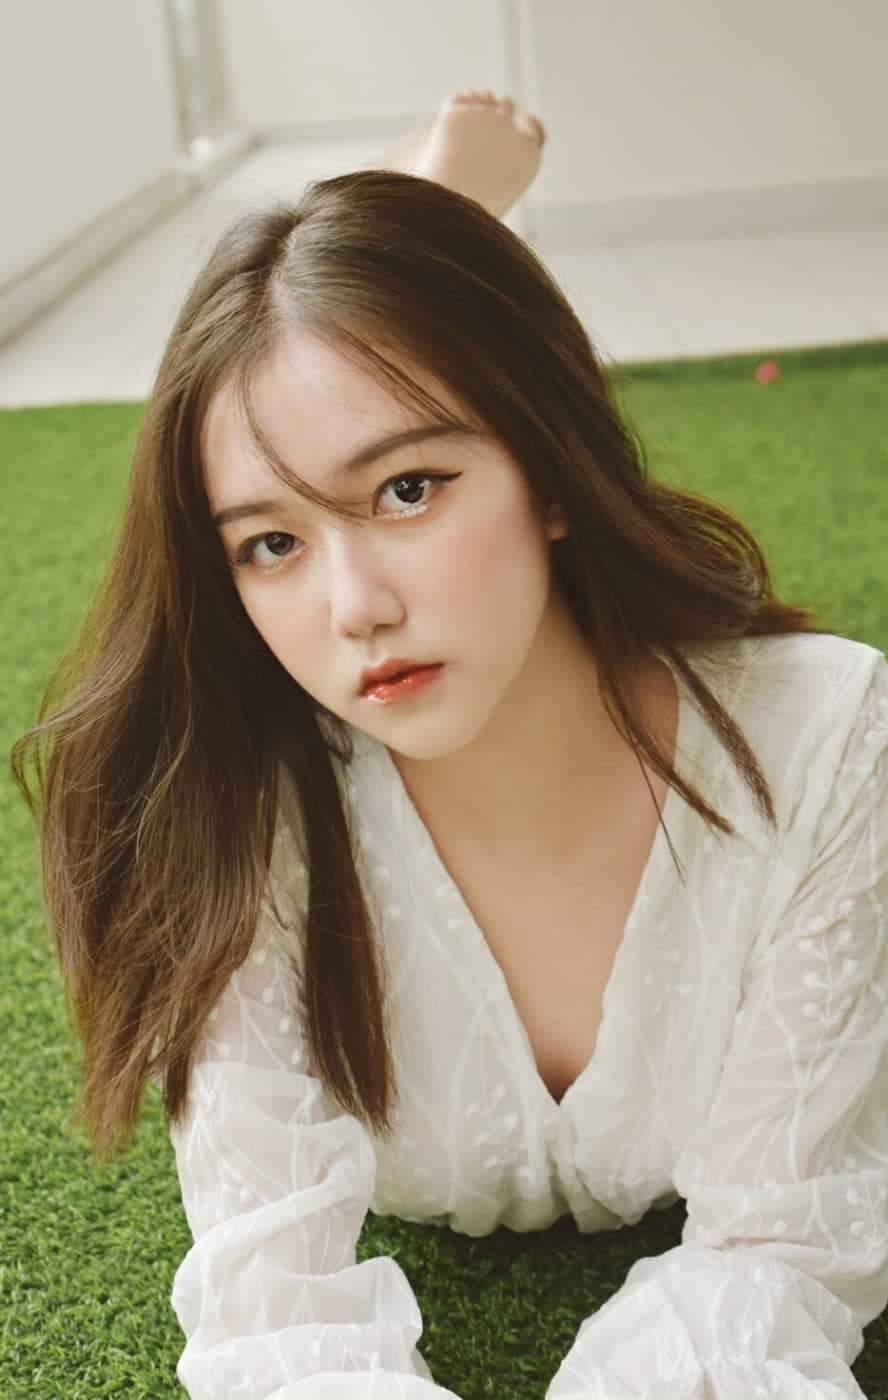 10x Sài Thành tài năng, xinh đẹp như mỹ nhân xứ Hàn - Hình 4